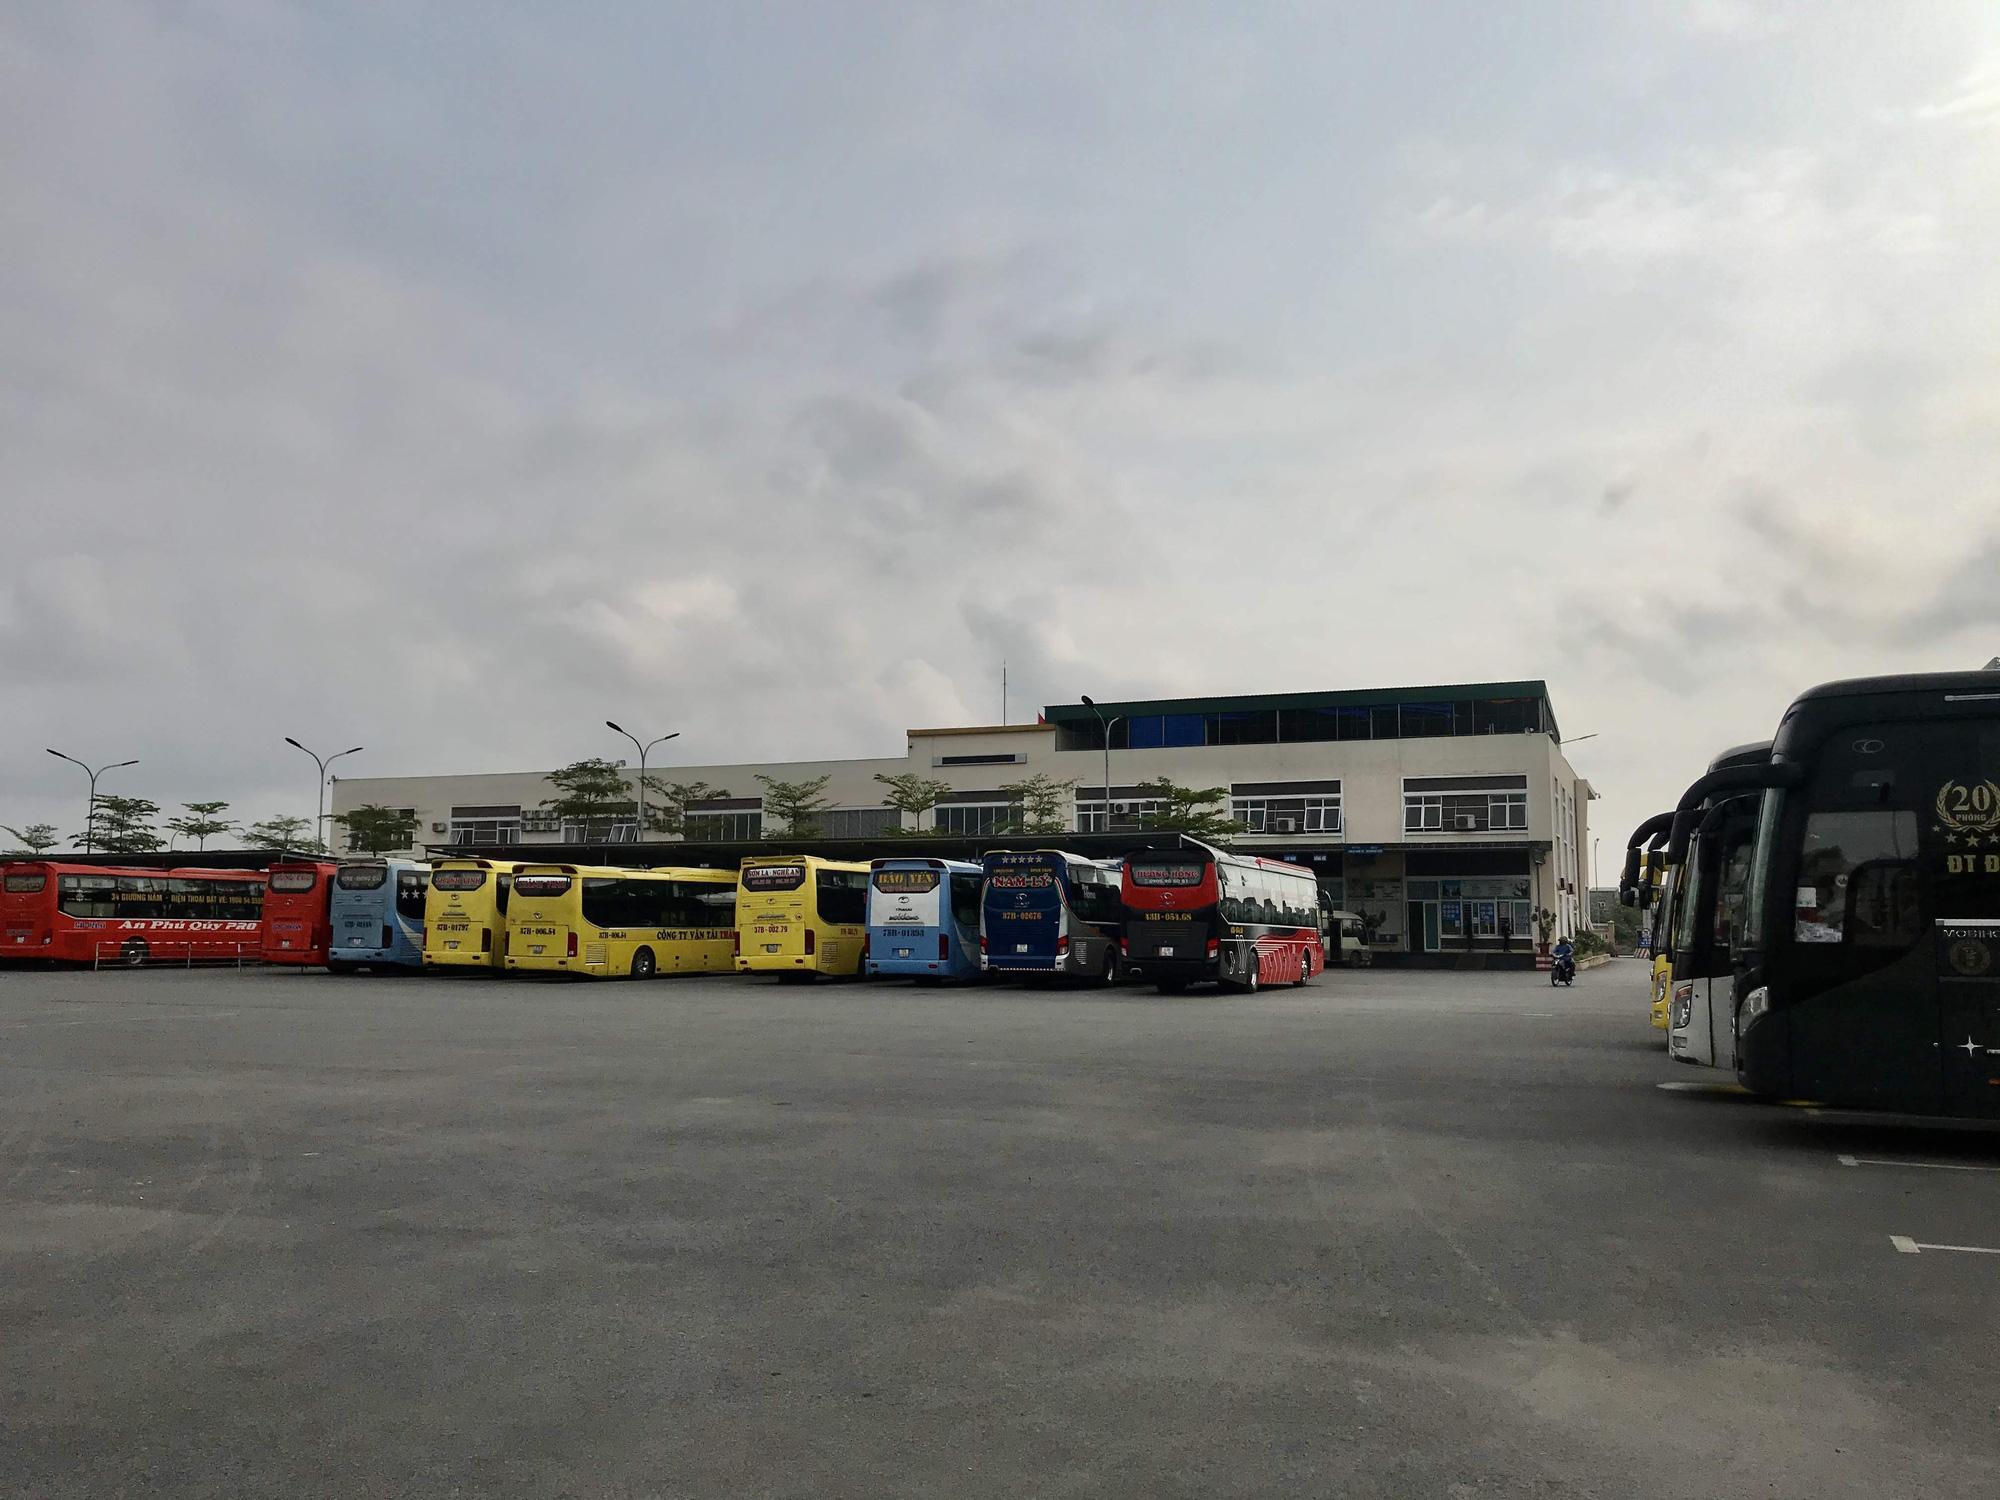 Nghệ An: Nhà xe bình thường chạy 8-10 chuyến một ngày, nay chỉ chạy 2 chuyến vẫn không kín khách - Ảnh 18.